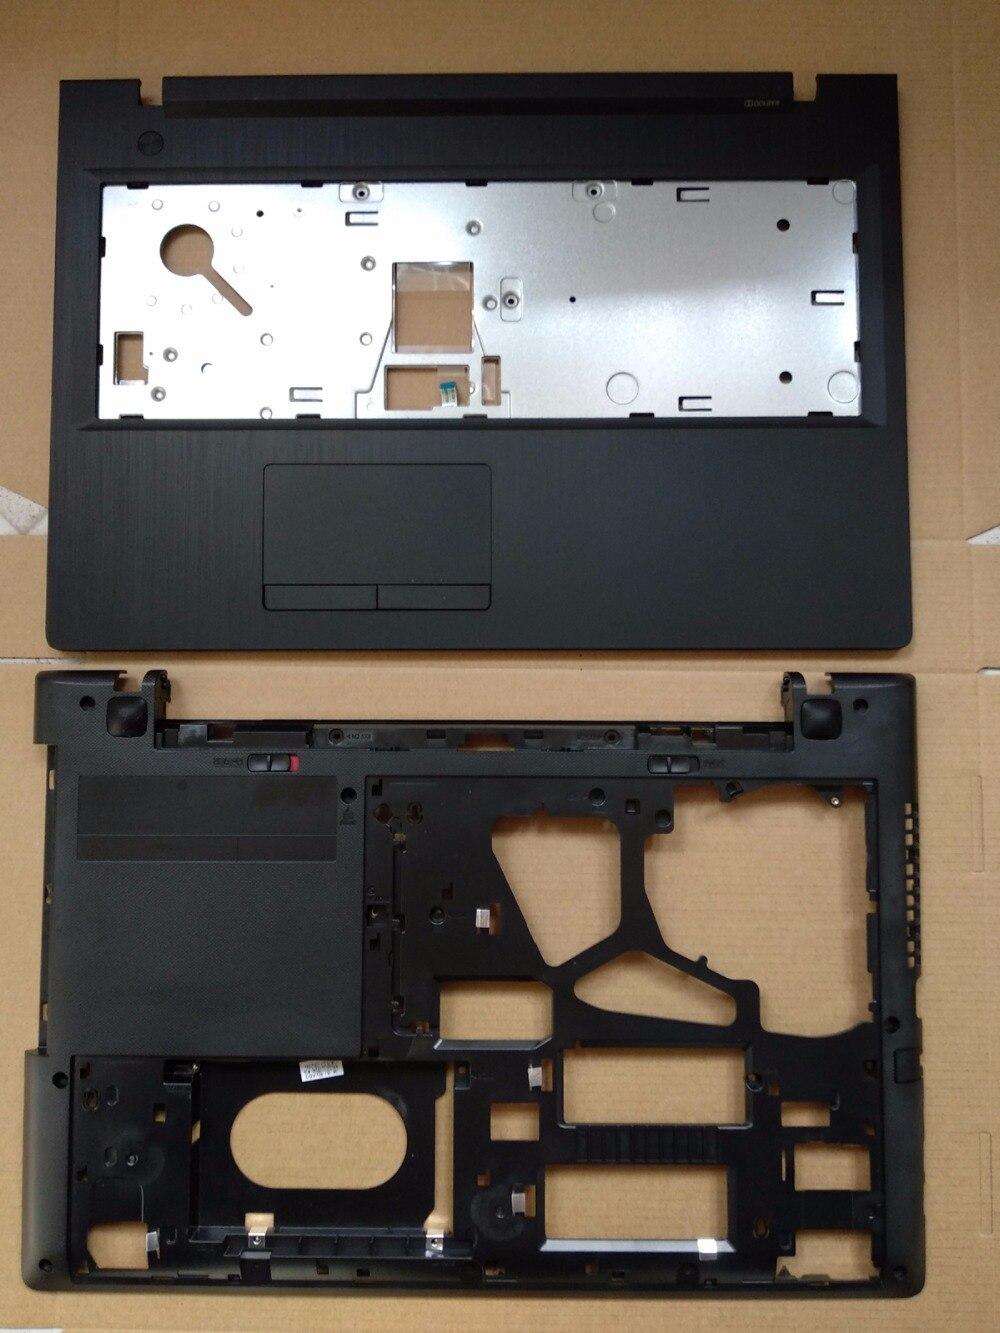 New Original For Lenovo -45 -70 -80 Z50 Z50-45 Palmrest Cover Upper Case + Bottom Case AP0TH000400 AP0TH000800